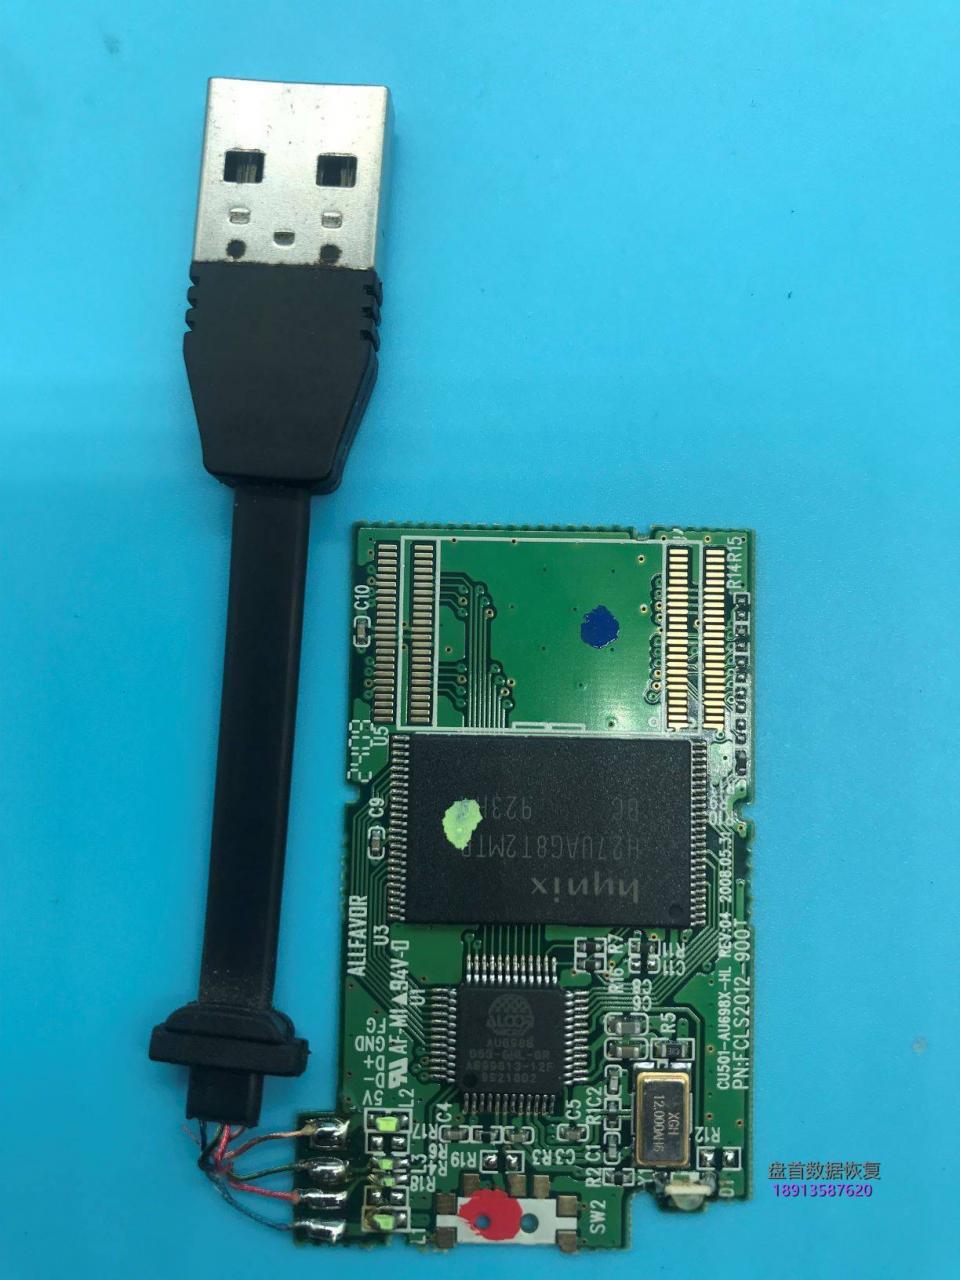 """完美恢复AU6986主控U盘不识别打开U盘提示""""请将磁盘插入驱动器""""磁盘管理显示无媒体状态"""